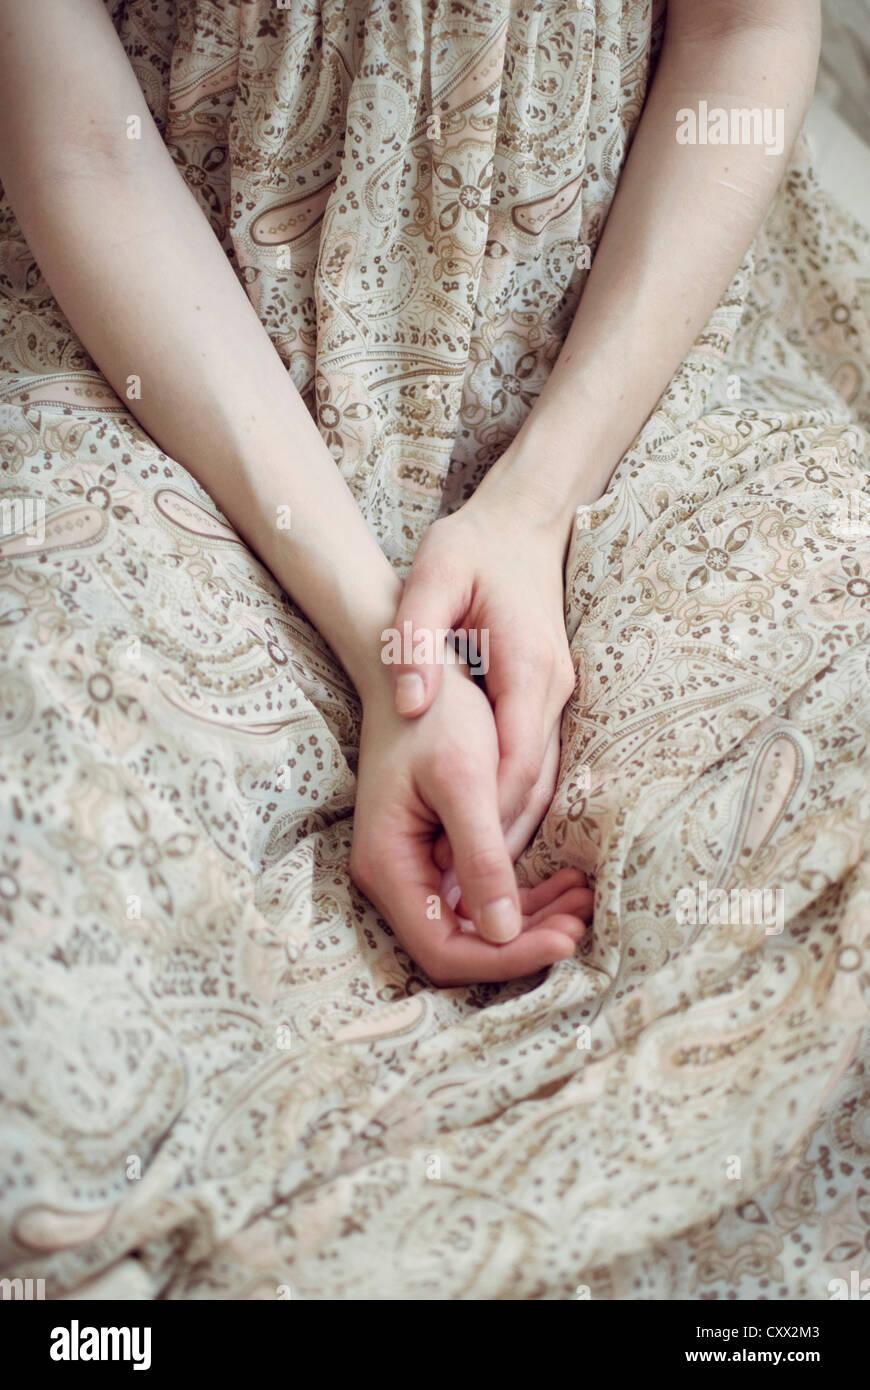 Close up foto di mani nel giro di una ragazza che indossa un leggero vestito estivo Immagini Stock